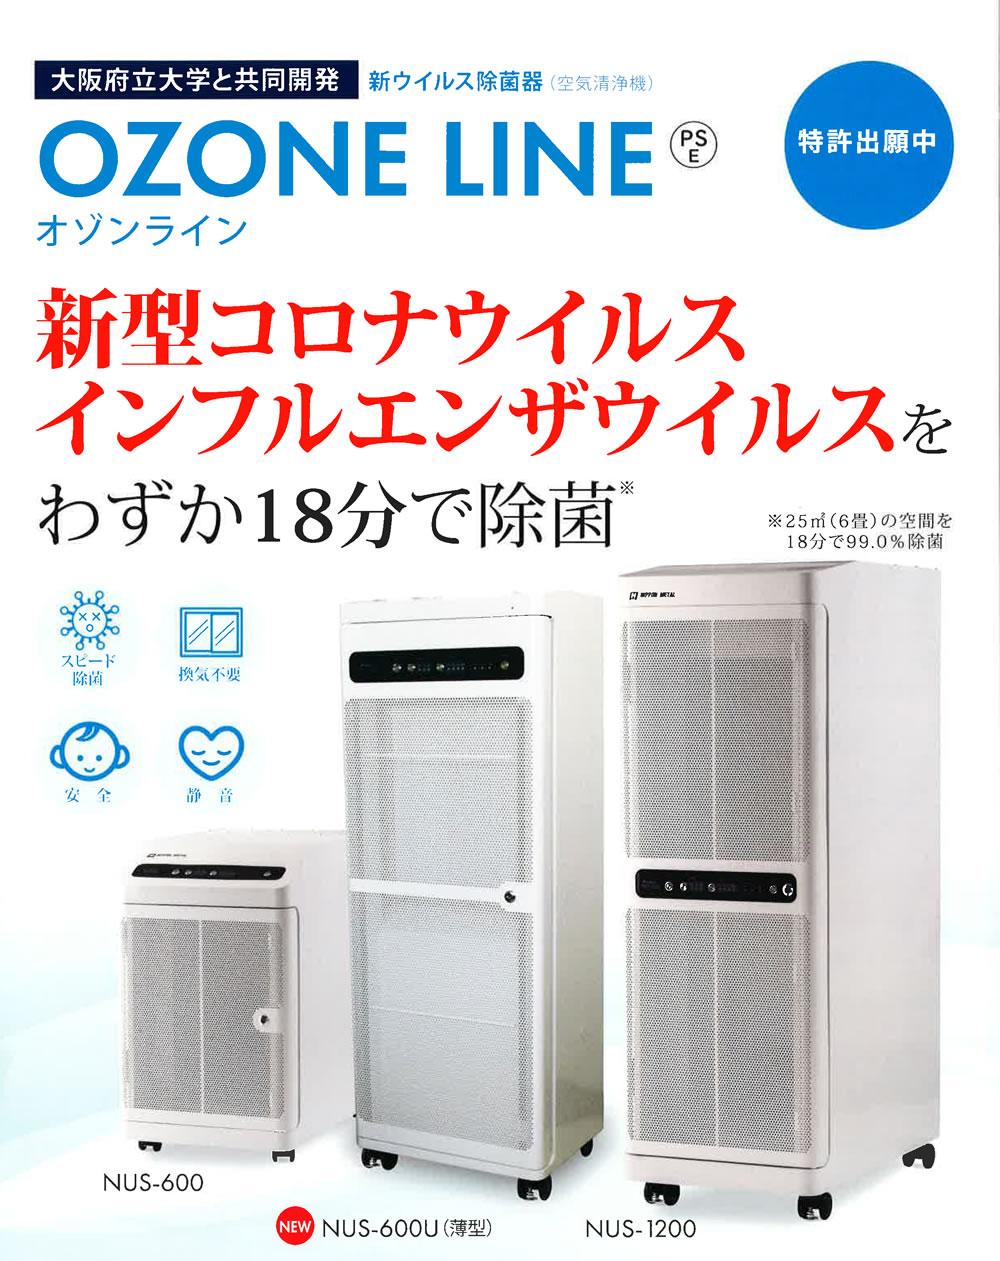 オゾンライン